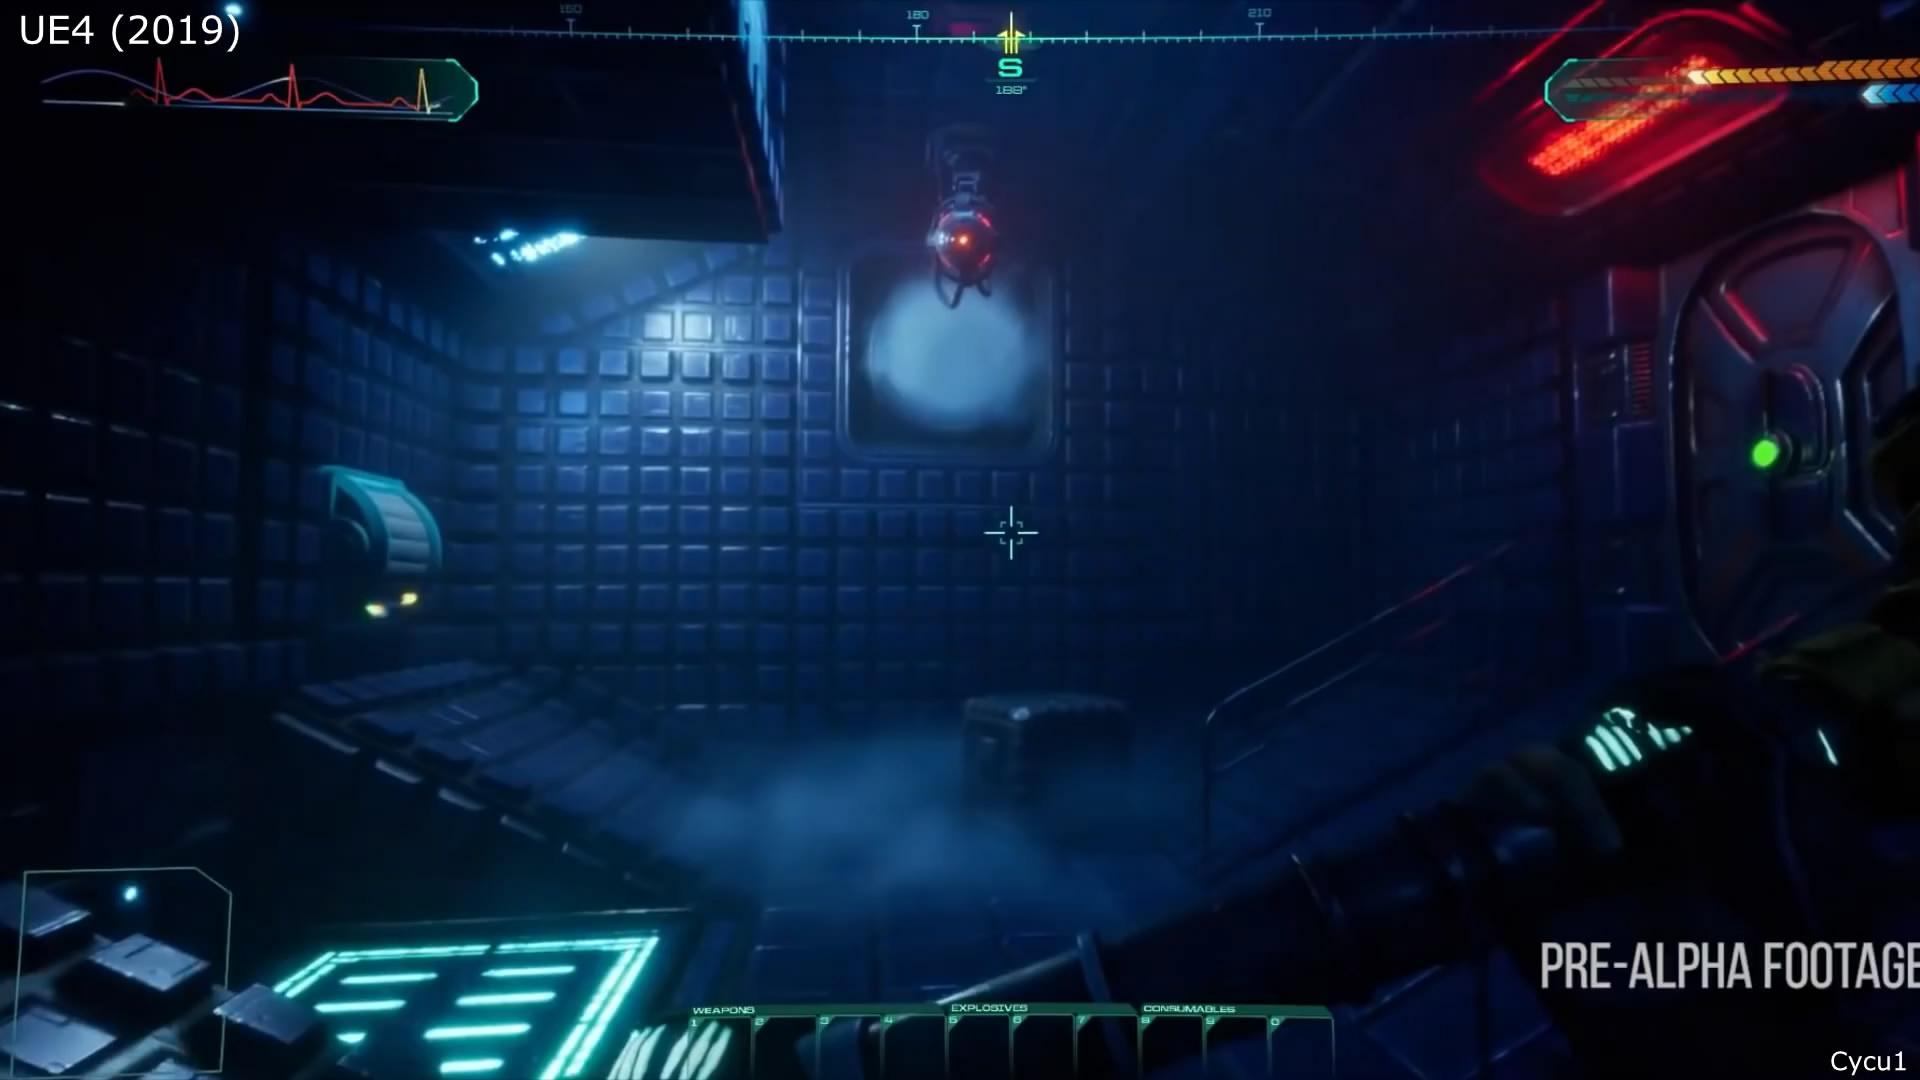 《网络奇兵:重制版》虚幻4与Unity引擎版对比 前者更出色